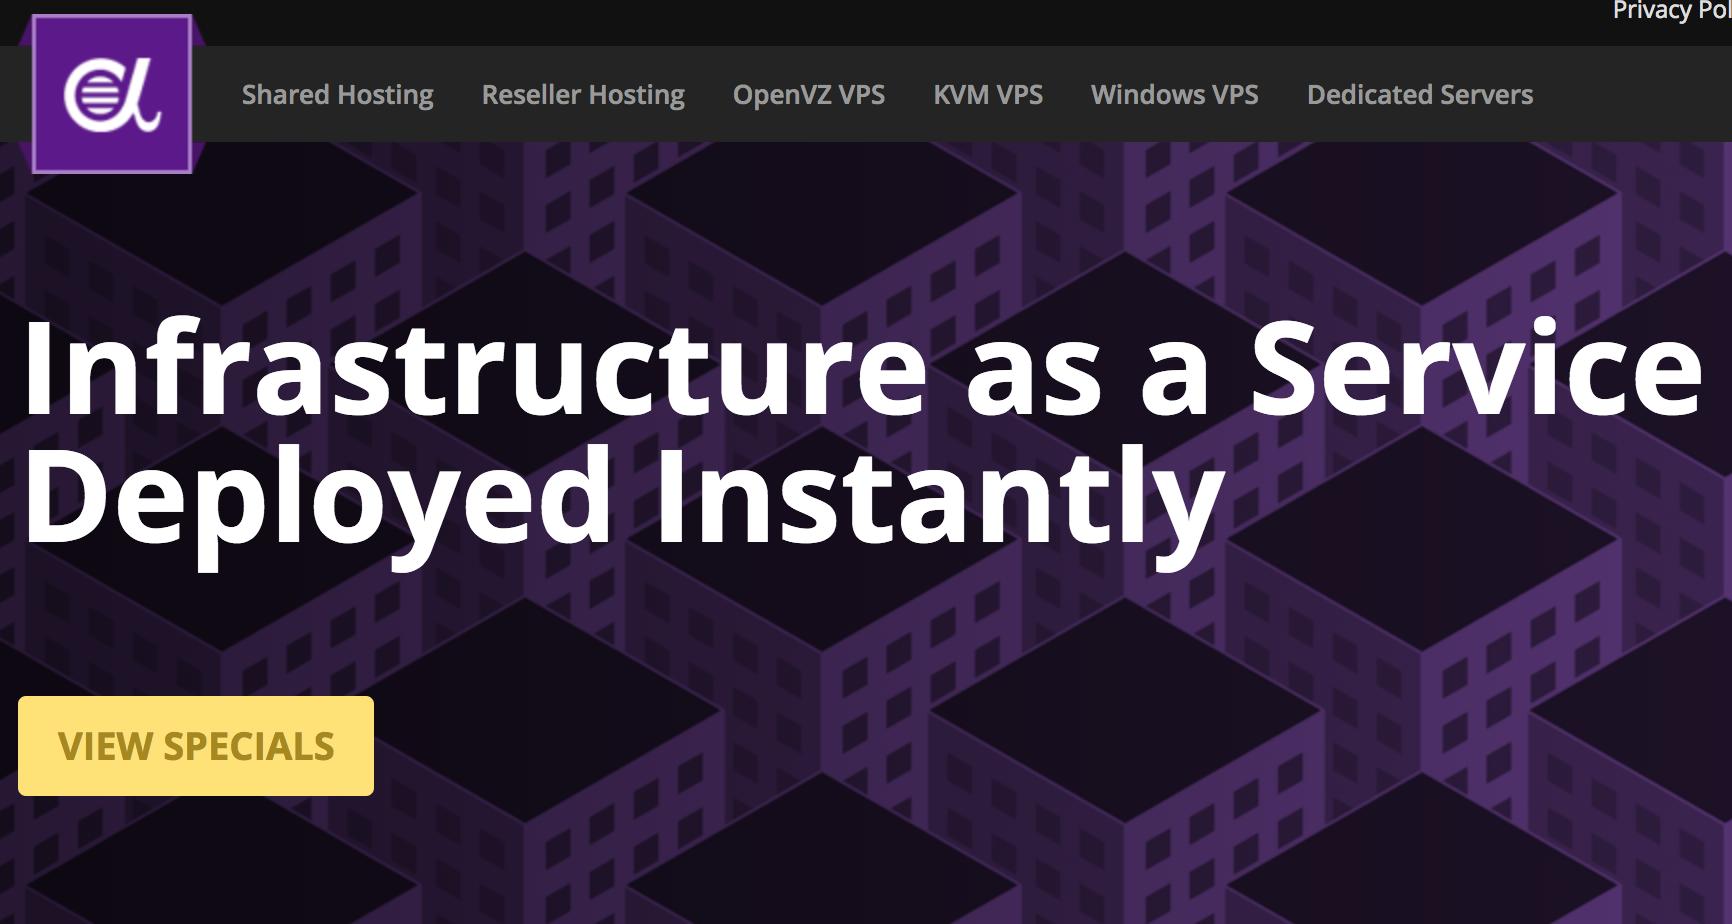 AlphaRacks VPS-年付15美元KVM VPS-AlphaRacks.com优惠码-支持支付宝支付VPS-洛杉矶VPS-QuadraNet VPS